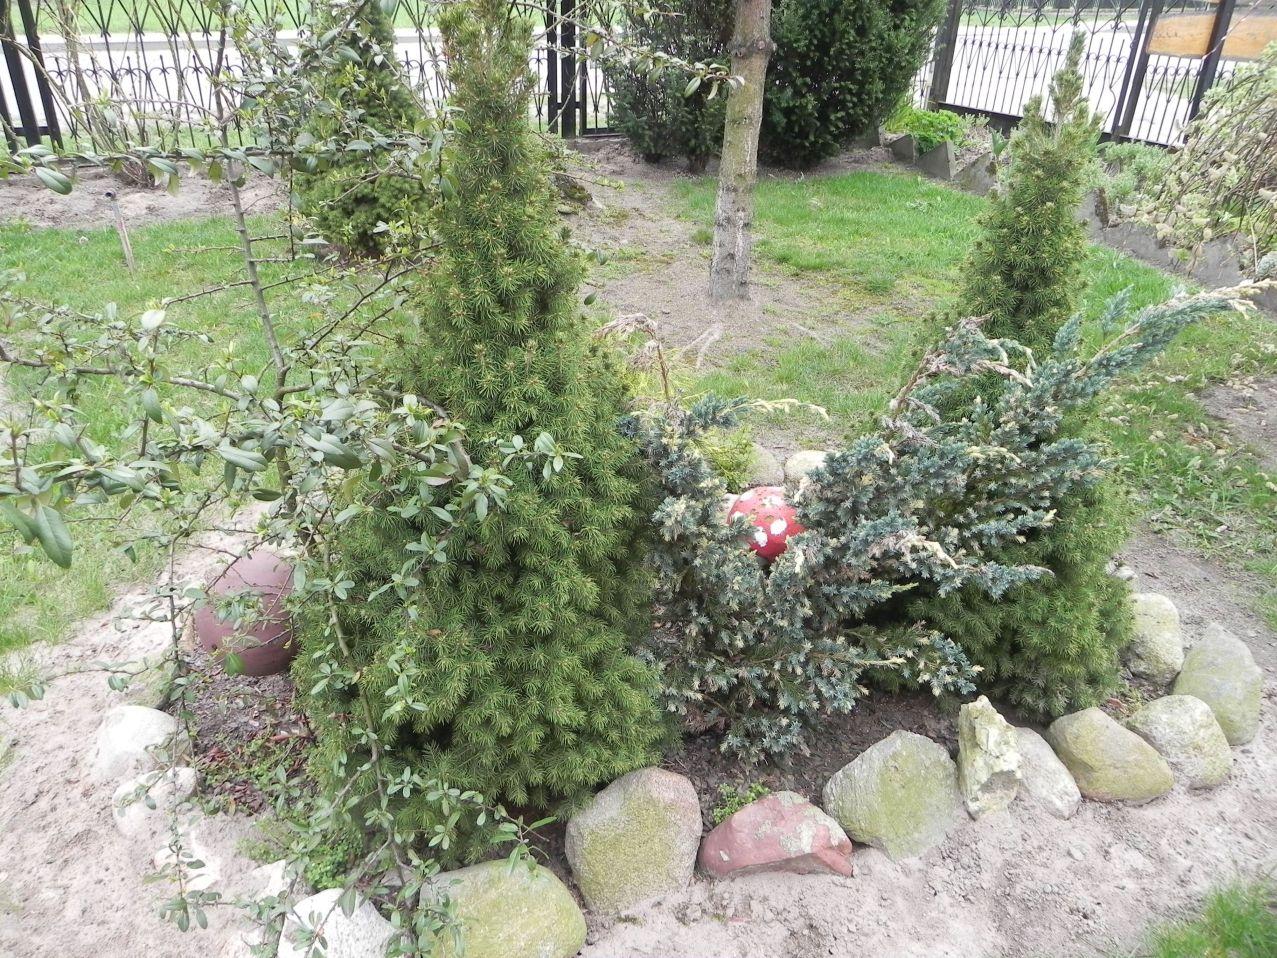 Galeria zdjęć Sochowej Zagrody - podwórko i przyroda (201)